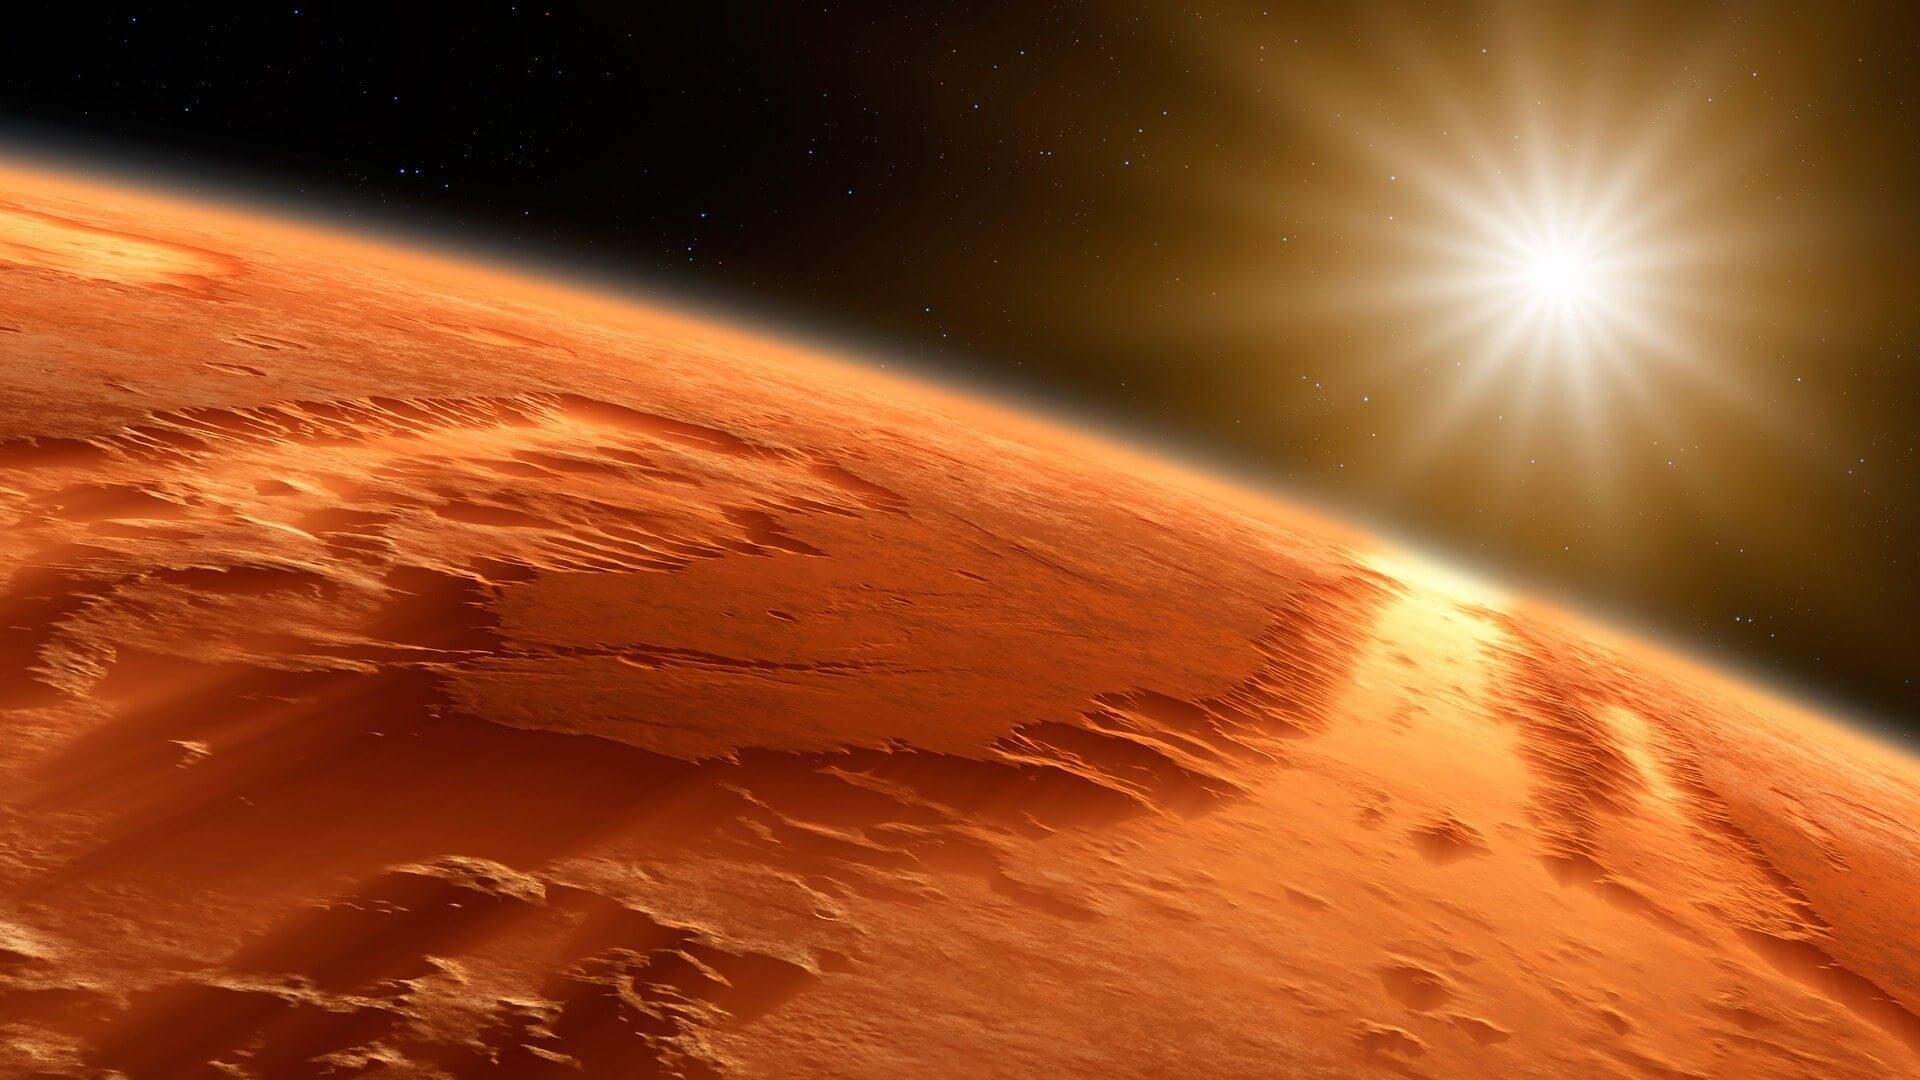 capa 5 - Marcas de tsunamis são a mais nova evidência da presença de oceanos em Marte